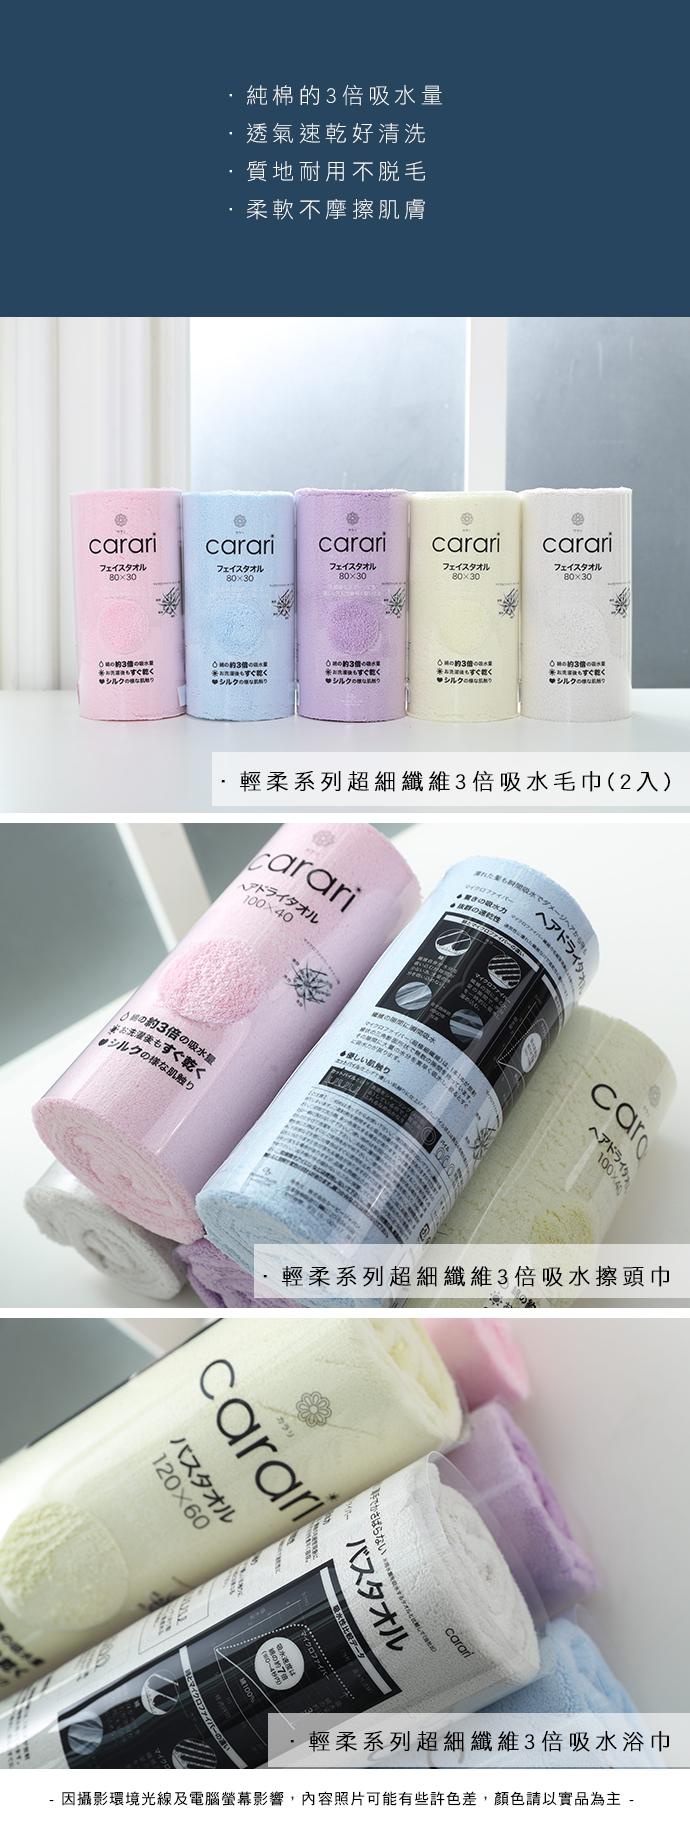 CB Japan|輕柔系列超細纖維3倍吸水毛巾 (2入) - 甜心黃